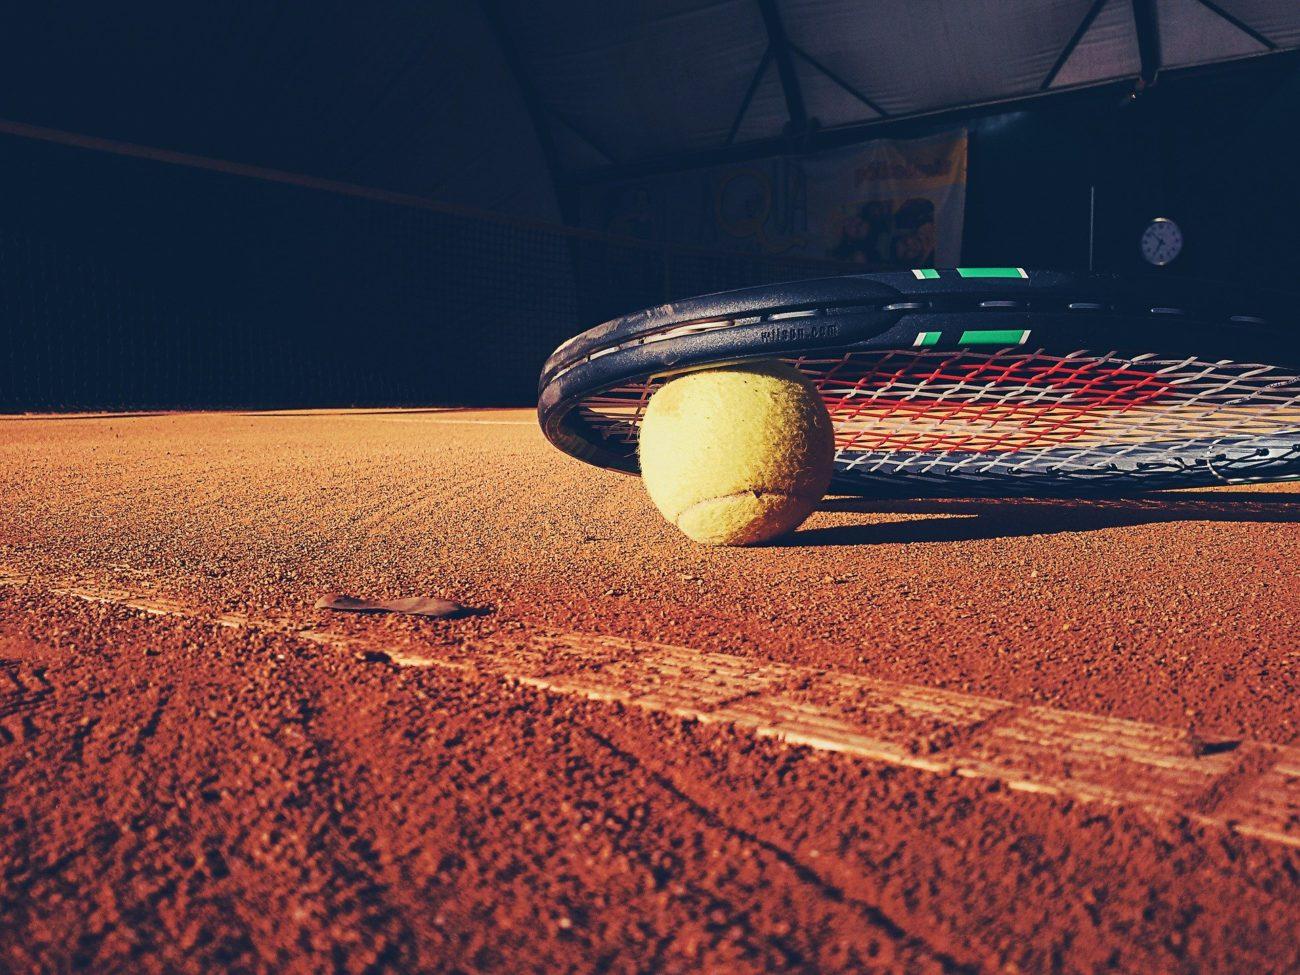 belçikalı tenis uzmanlarından oluşan üçlü yolsuzluk soruşturması nedeniyle cezalandırıldı